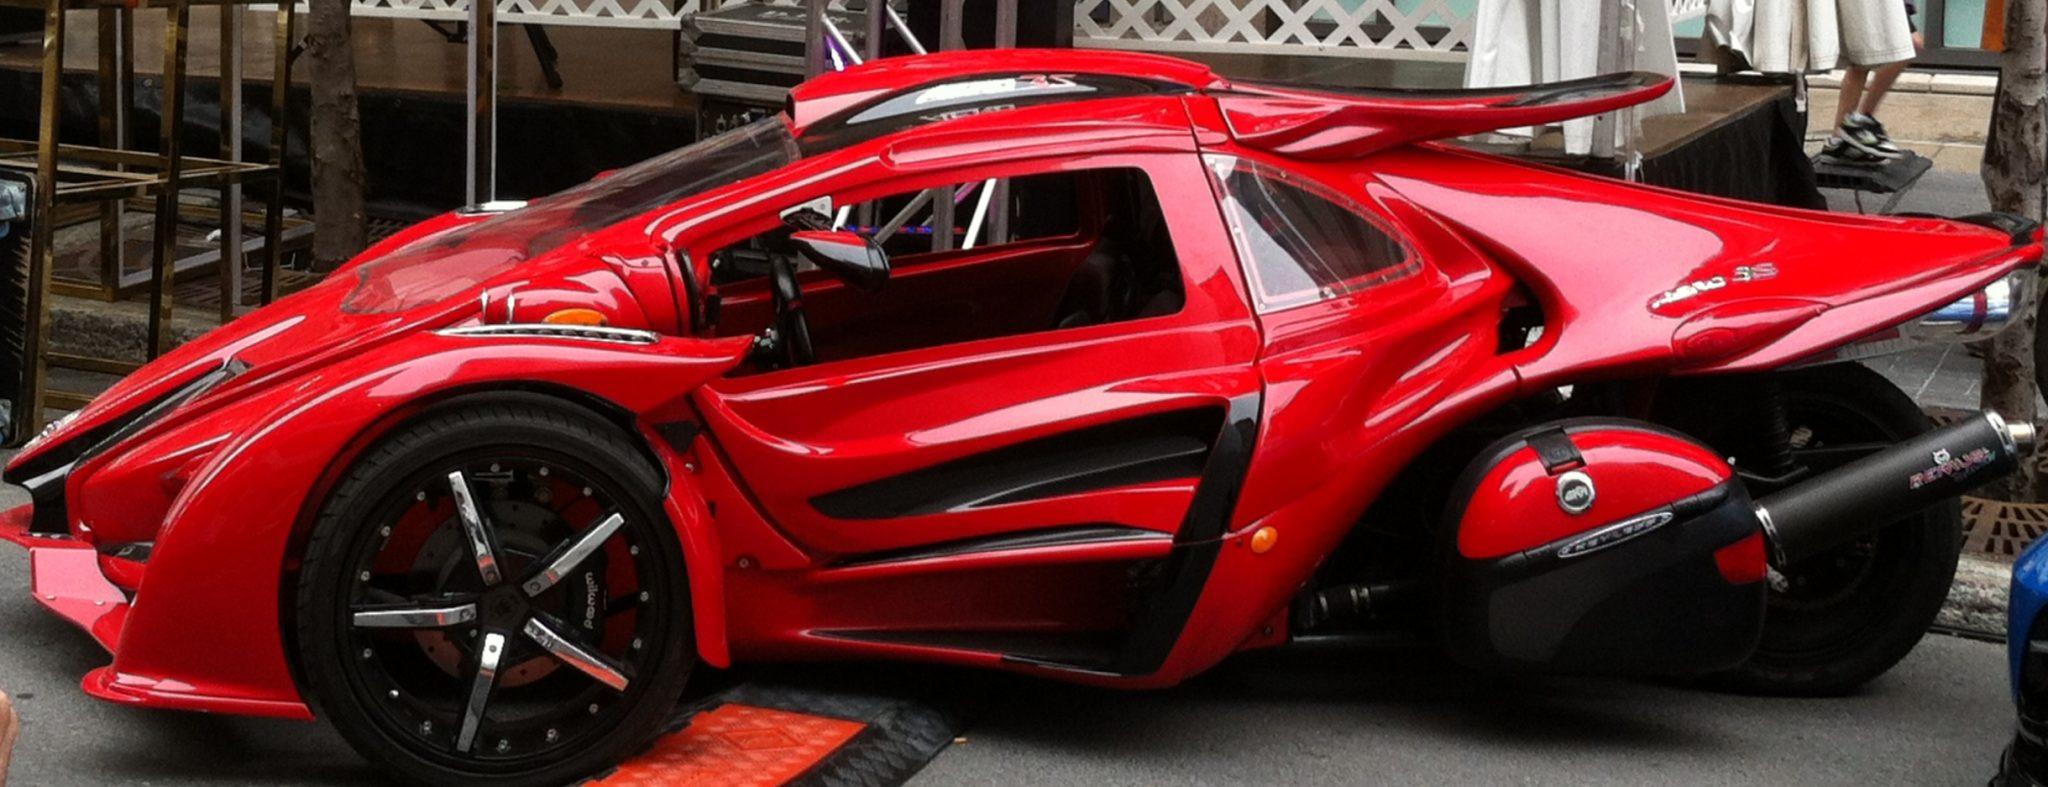 la plus belle voiture du monde entier auto sport. Black Bedroom Furniture Sets. Home Design Ideas